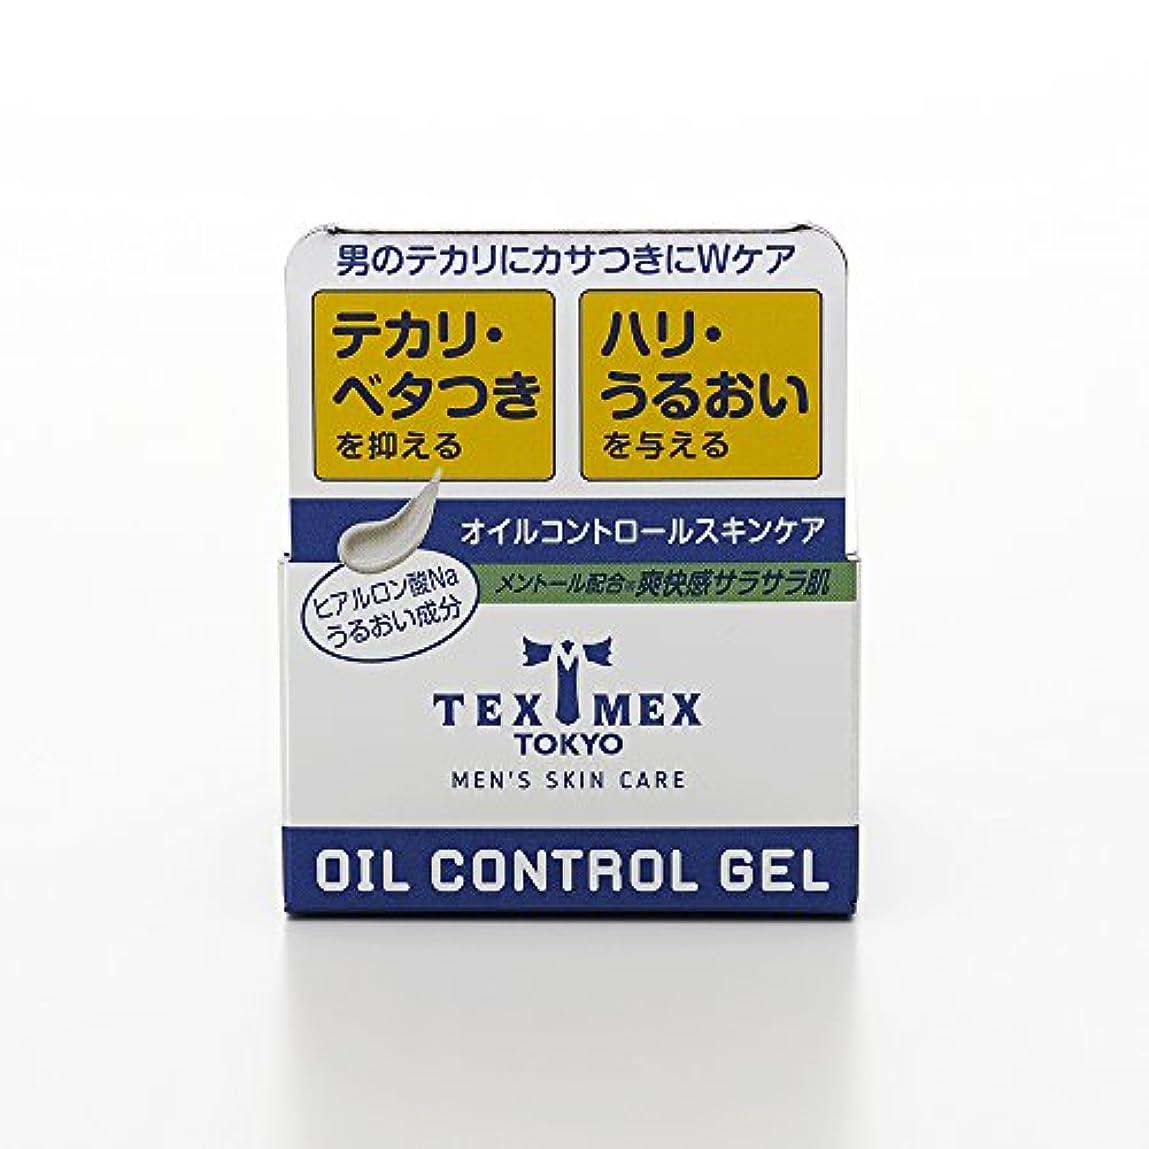 雇うパパ脇にテックスメックス オイルコントロールジェル 24g (テカリ防止ジェル) 【塗るだけでサラサラ肌に】